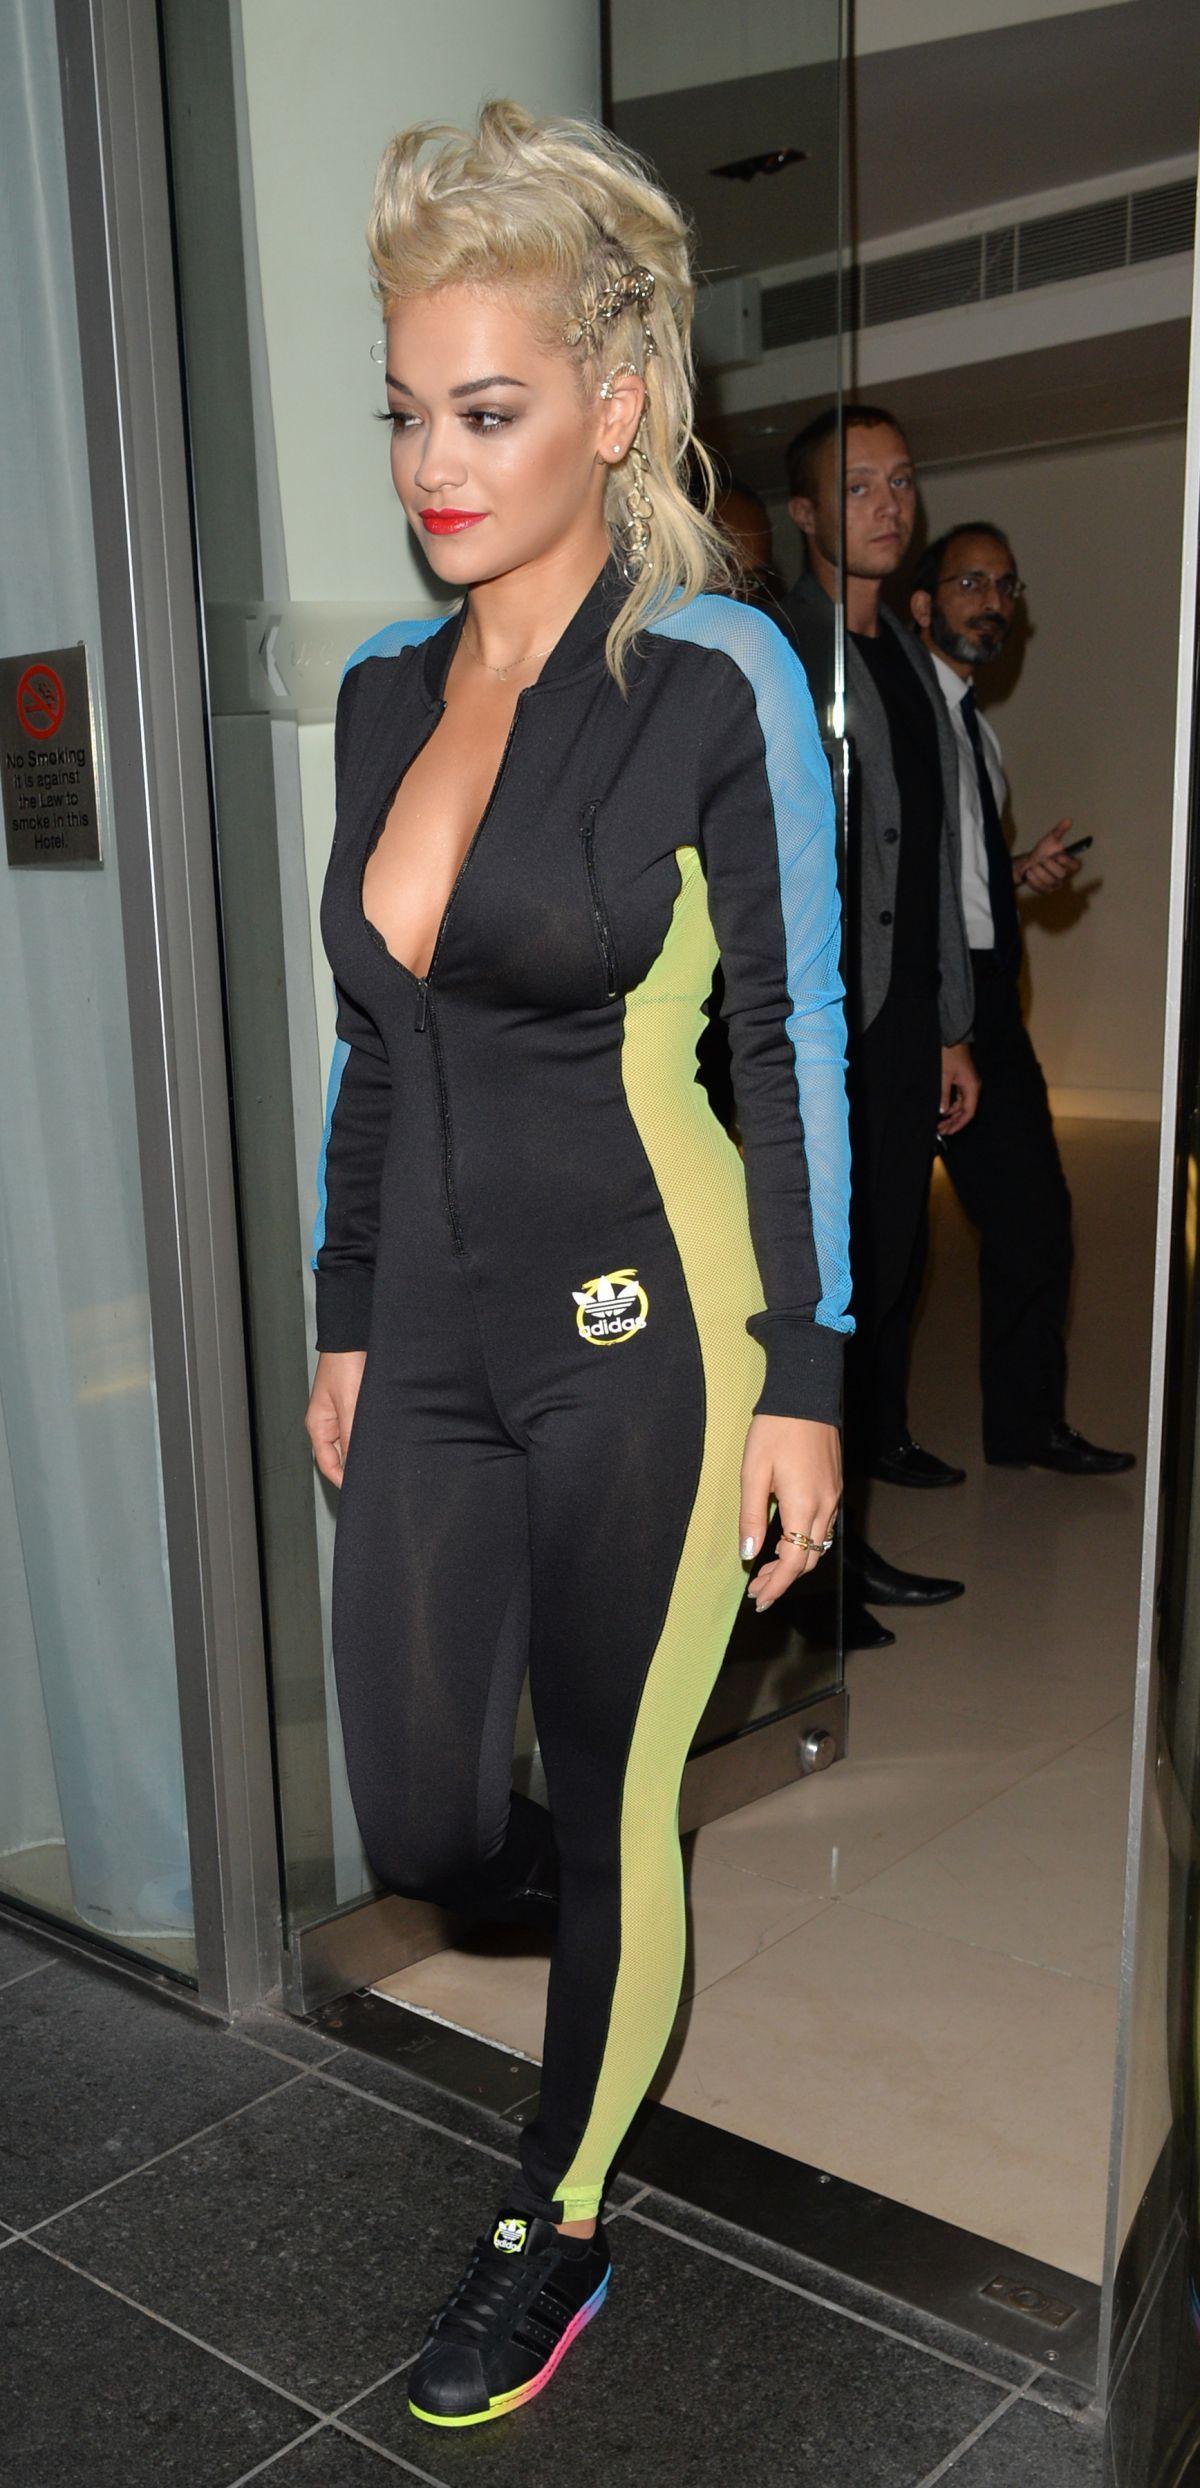 Rita Ora in Adidas (album in comments)